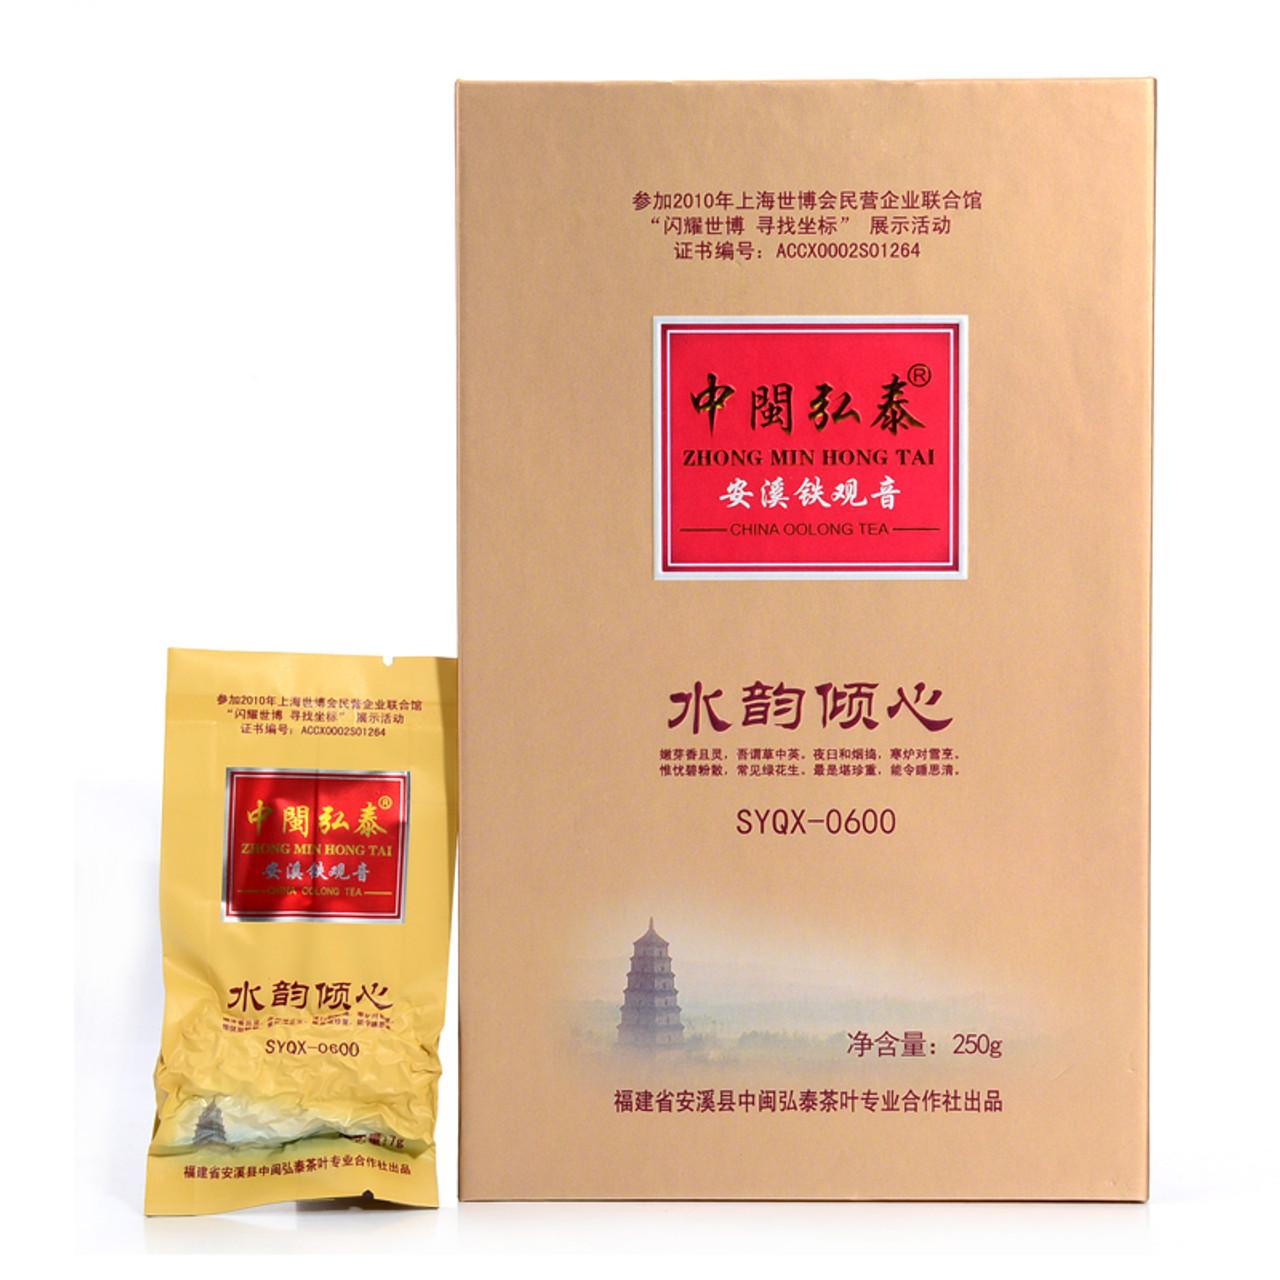 ZHONG MIN HONG TAI Brand Shui Yun Qing Xin 10 Premium Grade Anxi Tie Guan  Yin Chinese Oolong Tea 10g